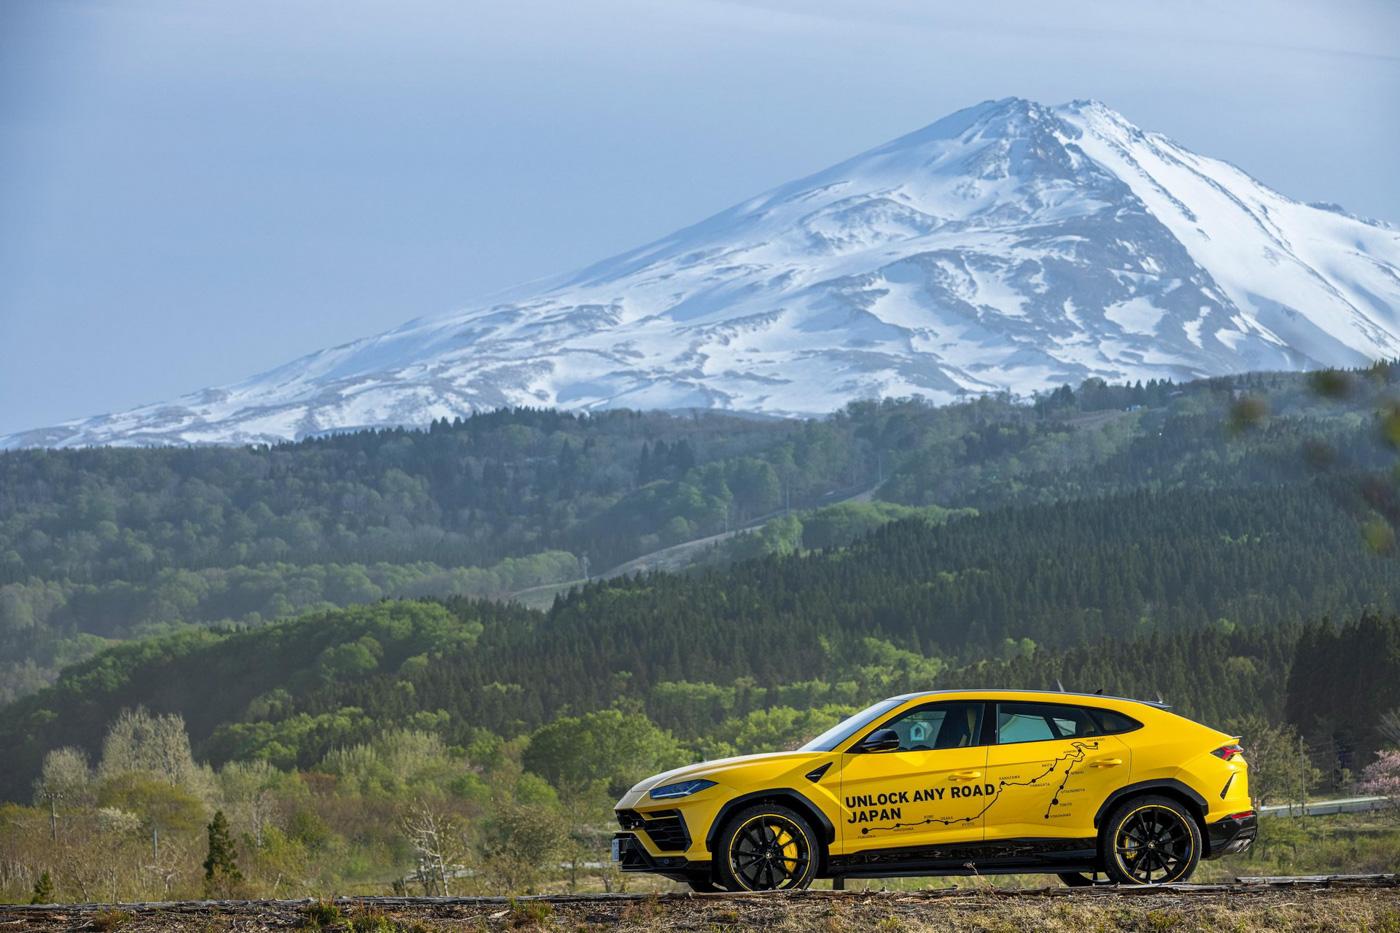 Bộ-đôi-Lamborghini-Urus-vượt-hơn-6.500-km-trong-hành-trình-xuyên-Nhật-Bản (35).jpg